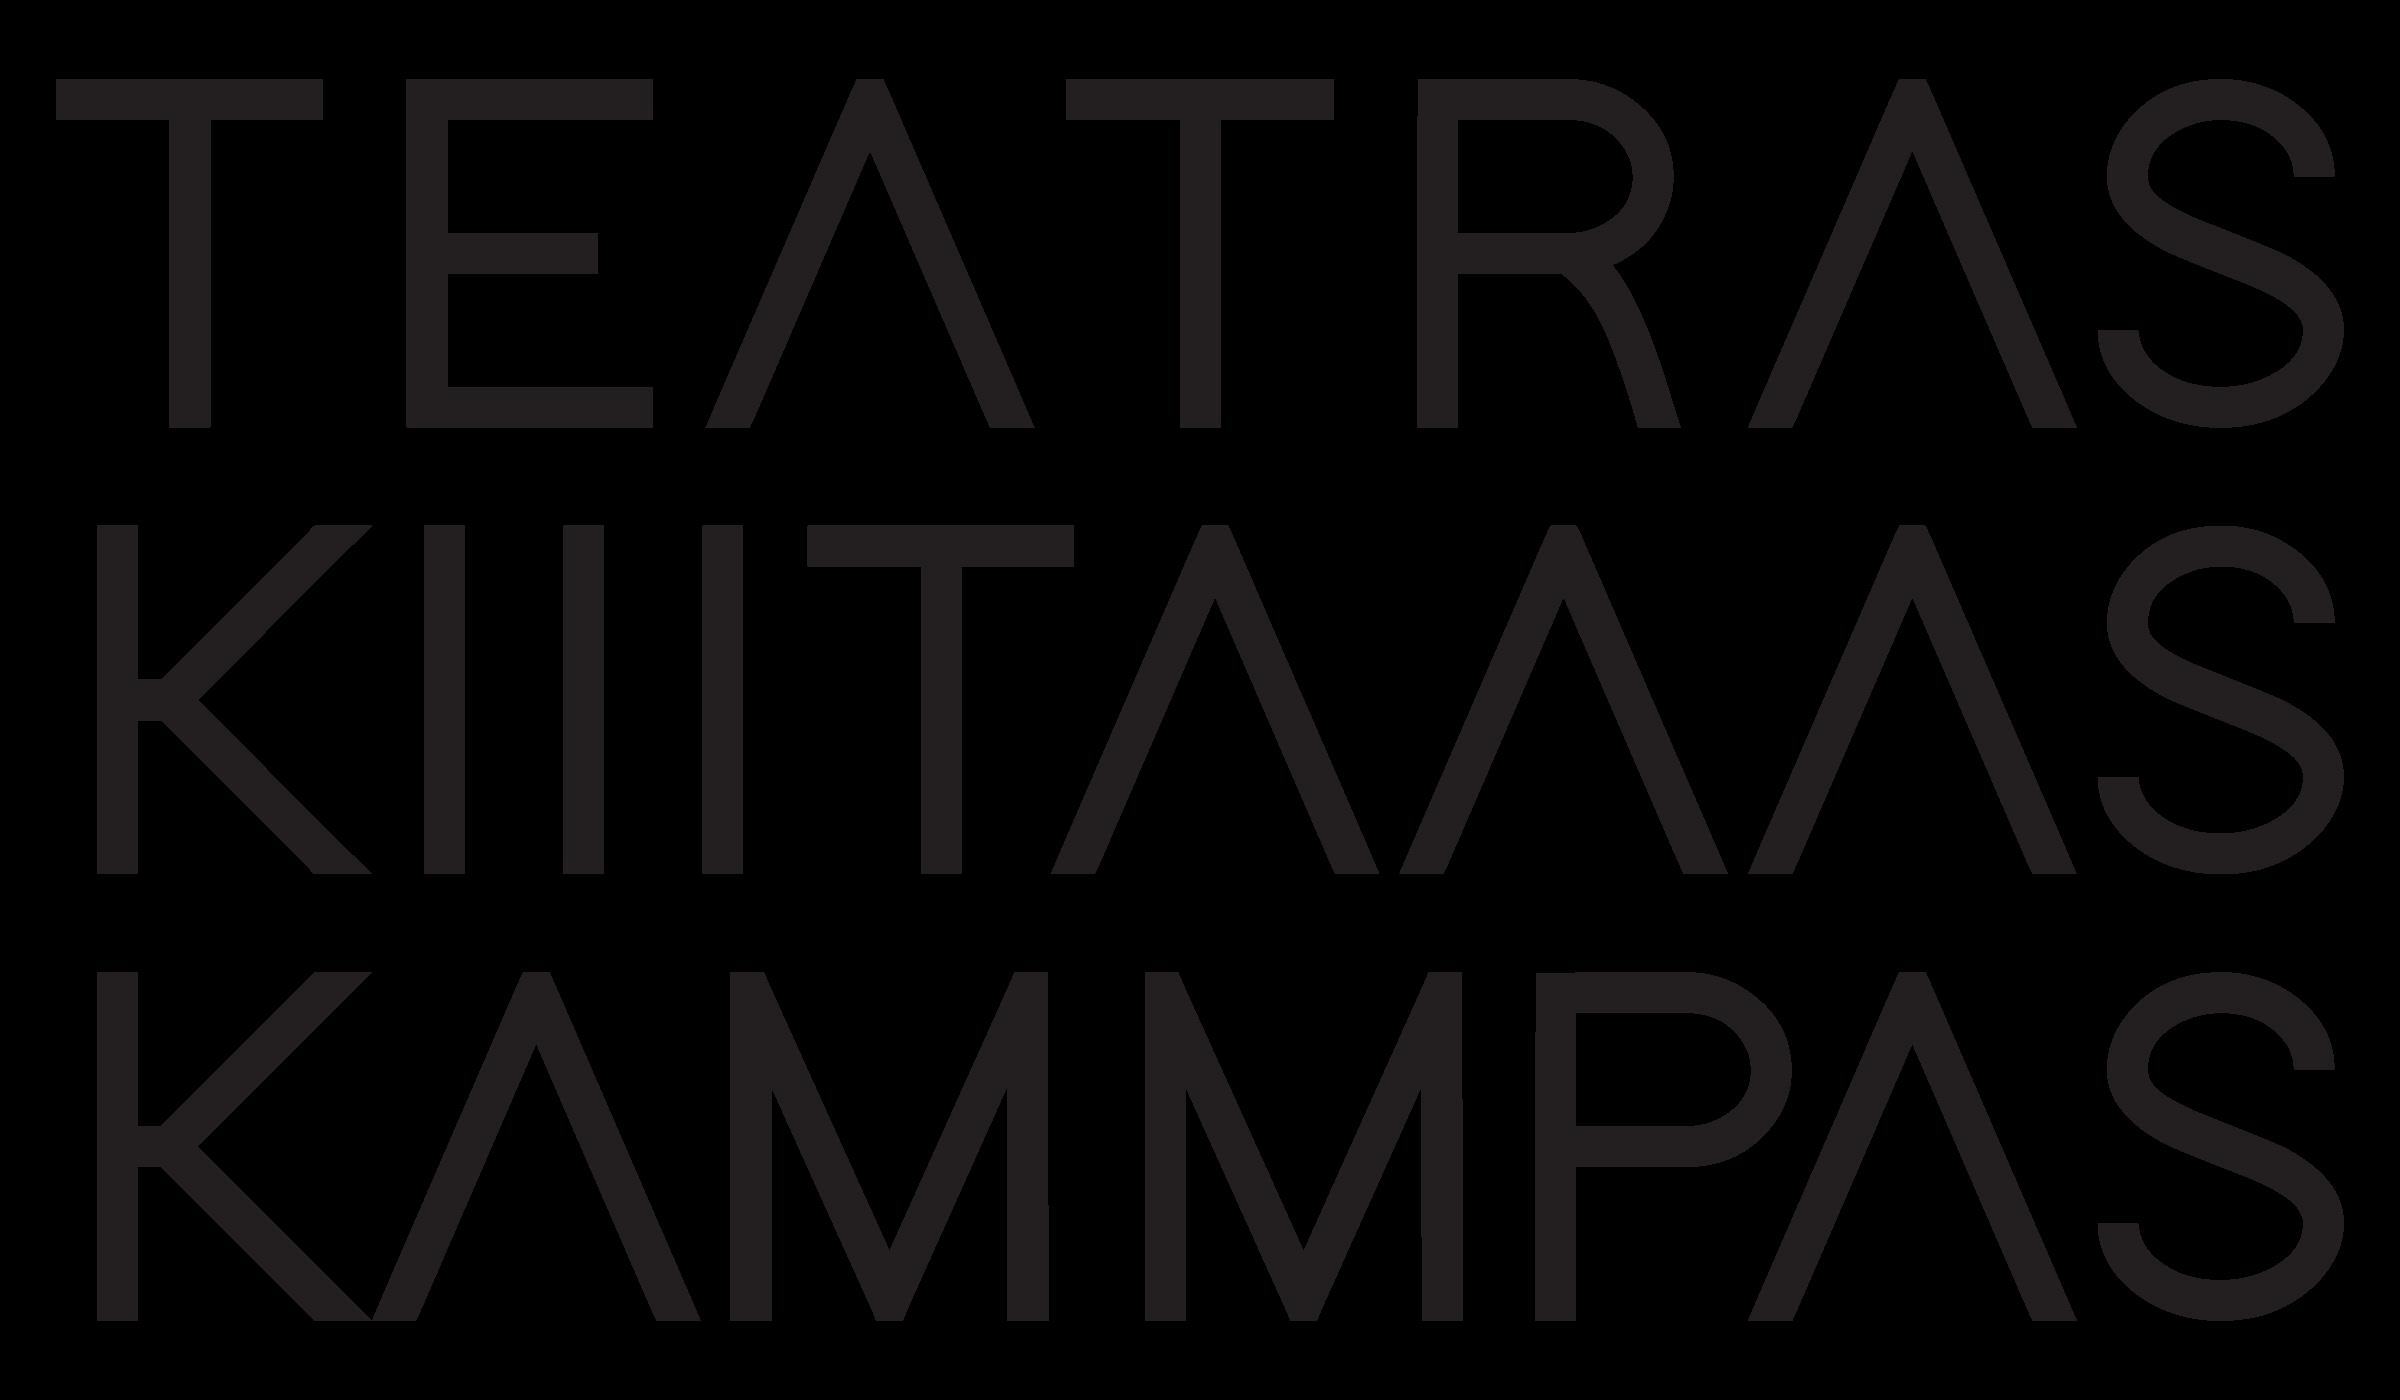 Teatras Kitas Kampas